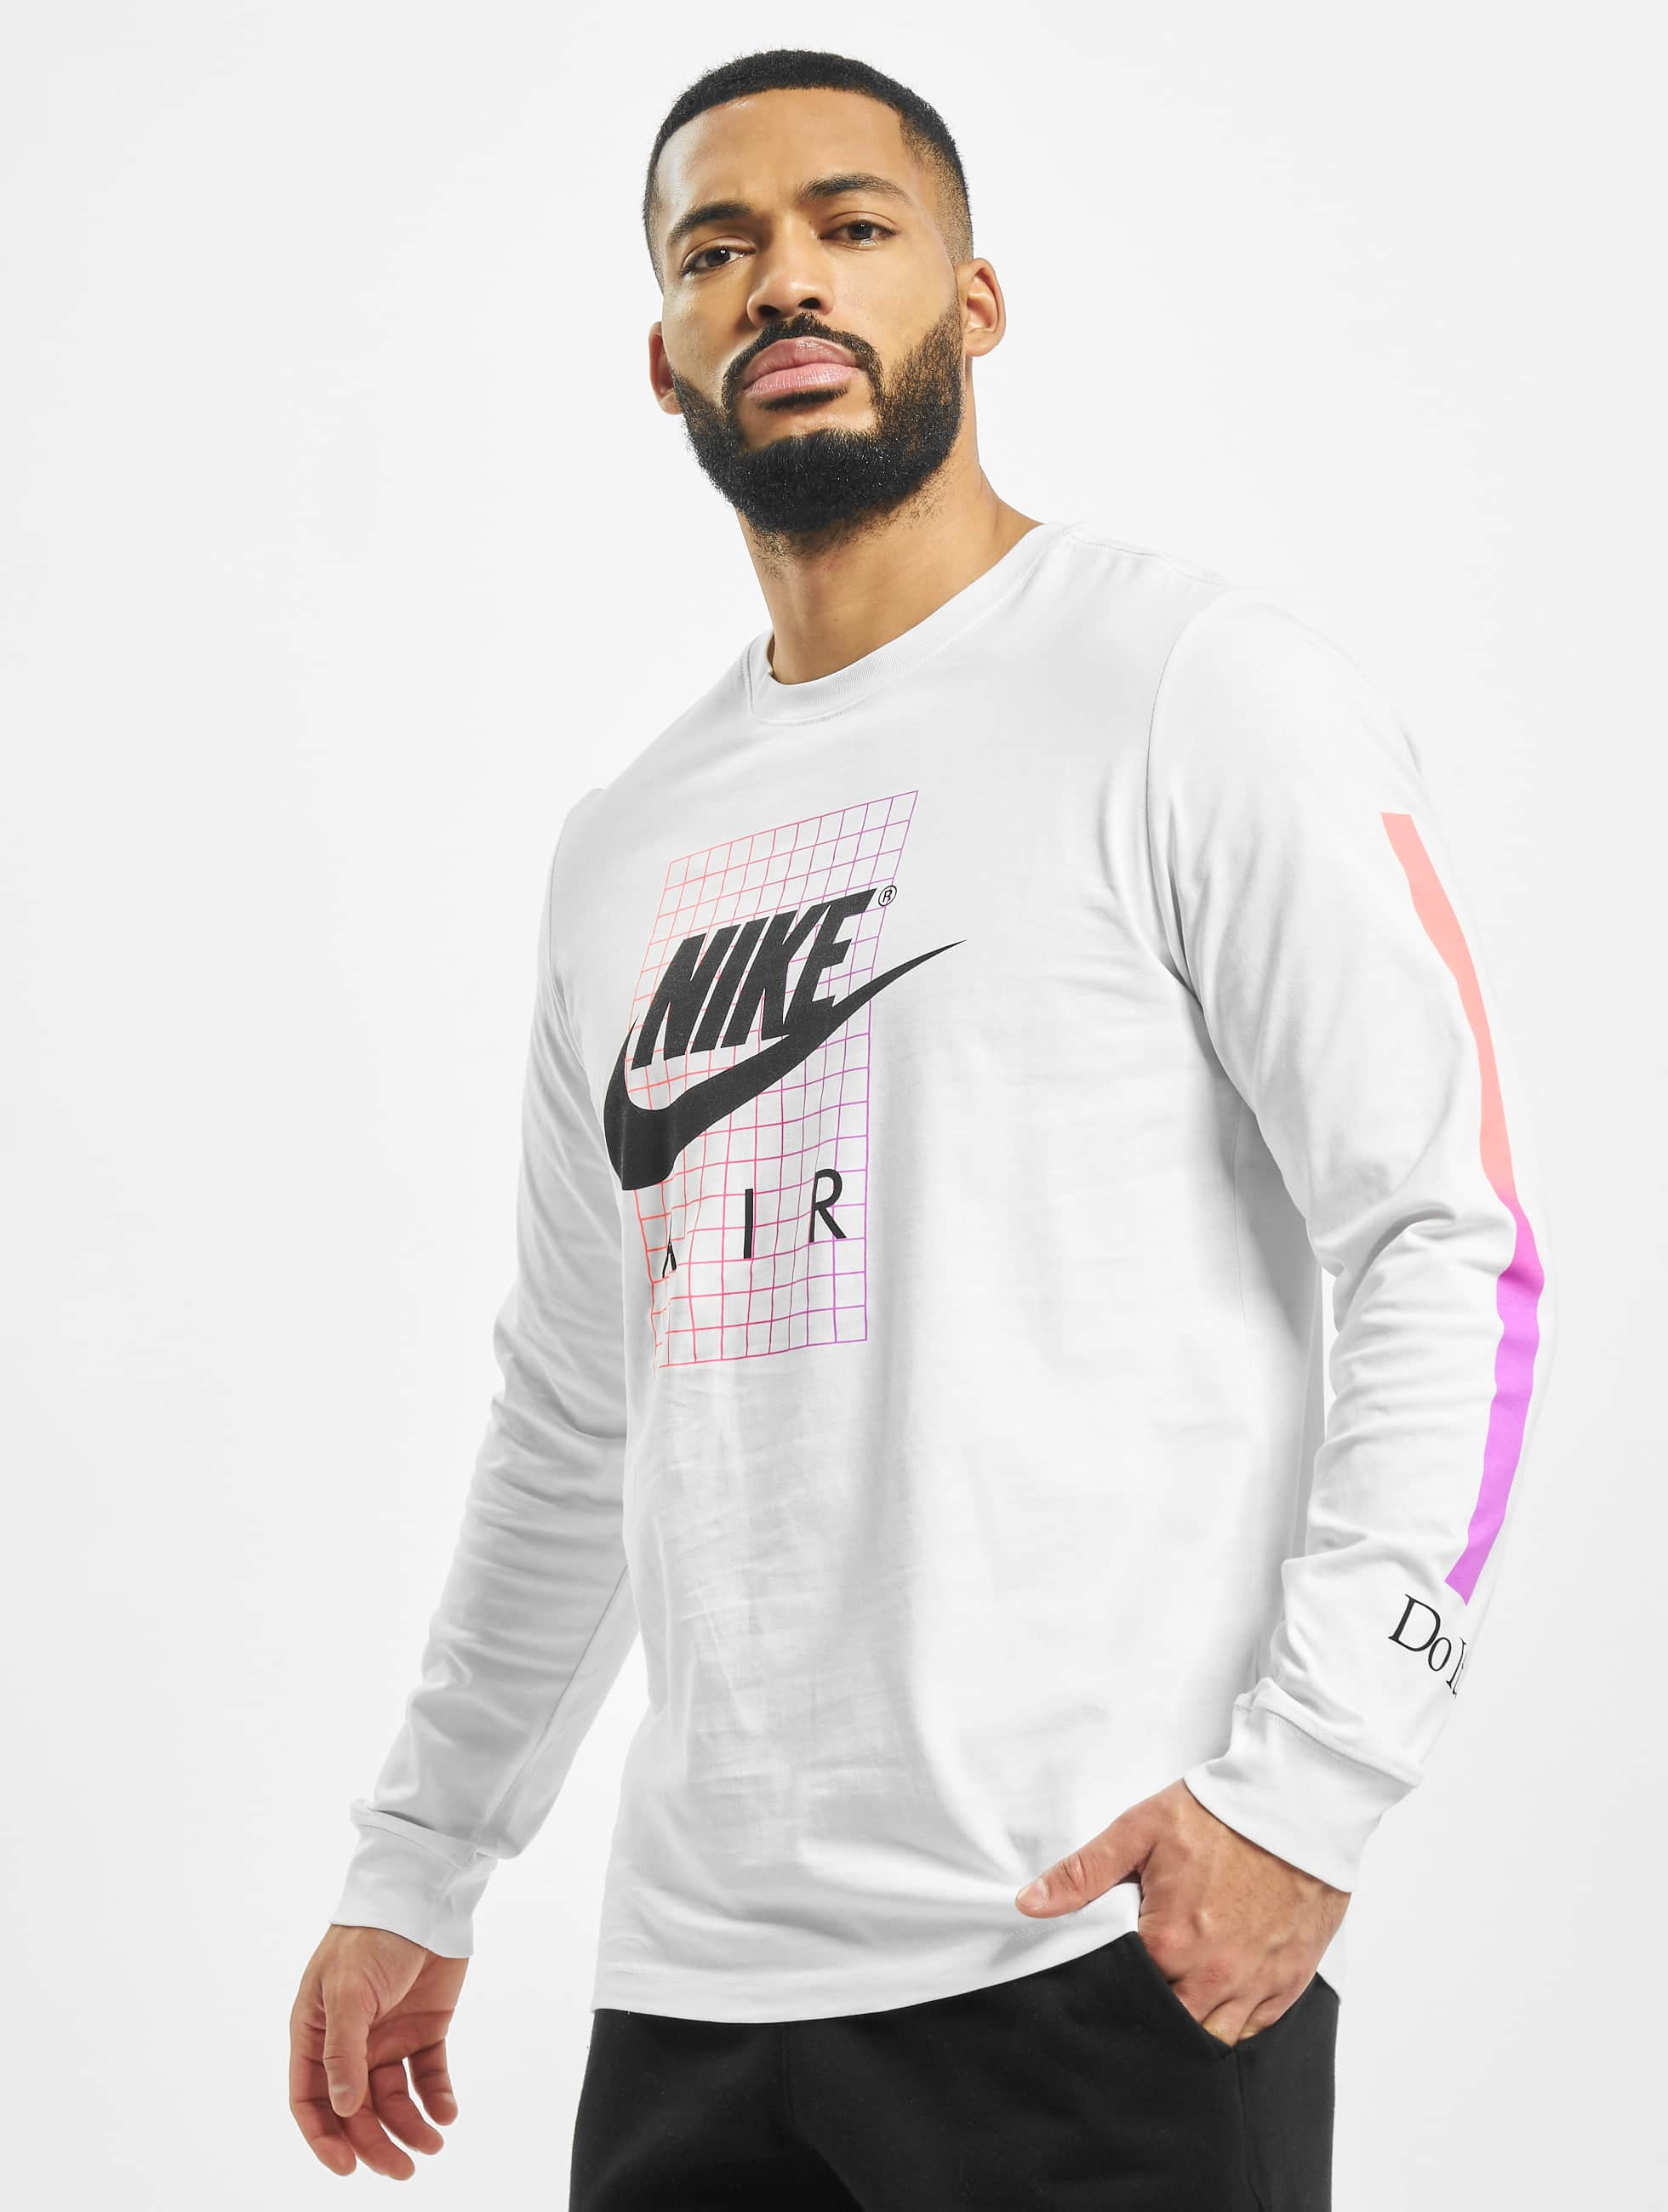 Nike SNKR CLTR 6 Longsleeve White